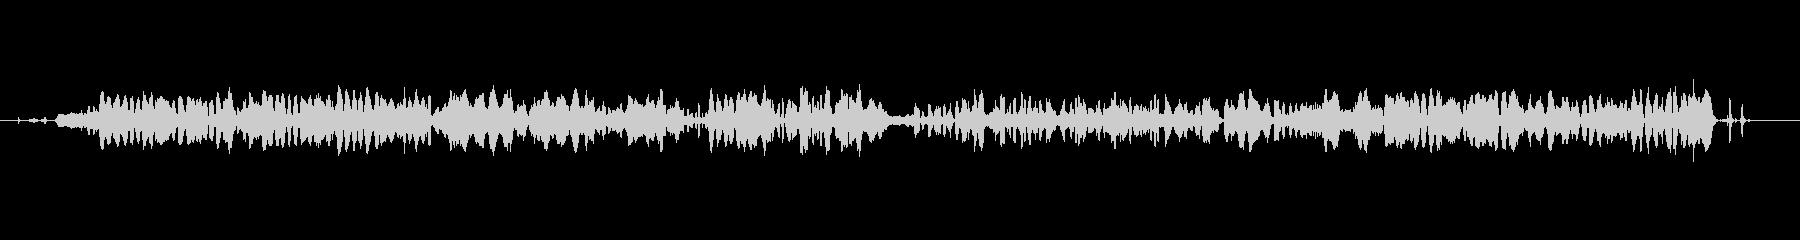 CALLIOPE、MUSIC FX...の未再生の波形